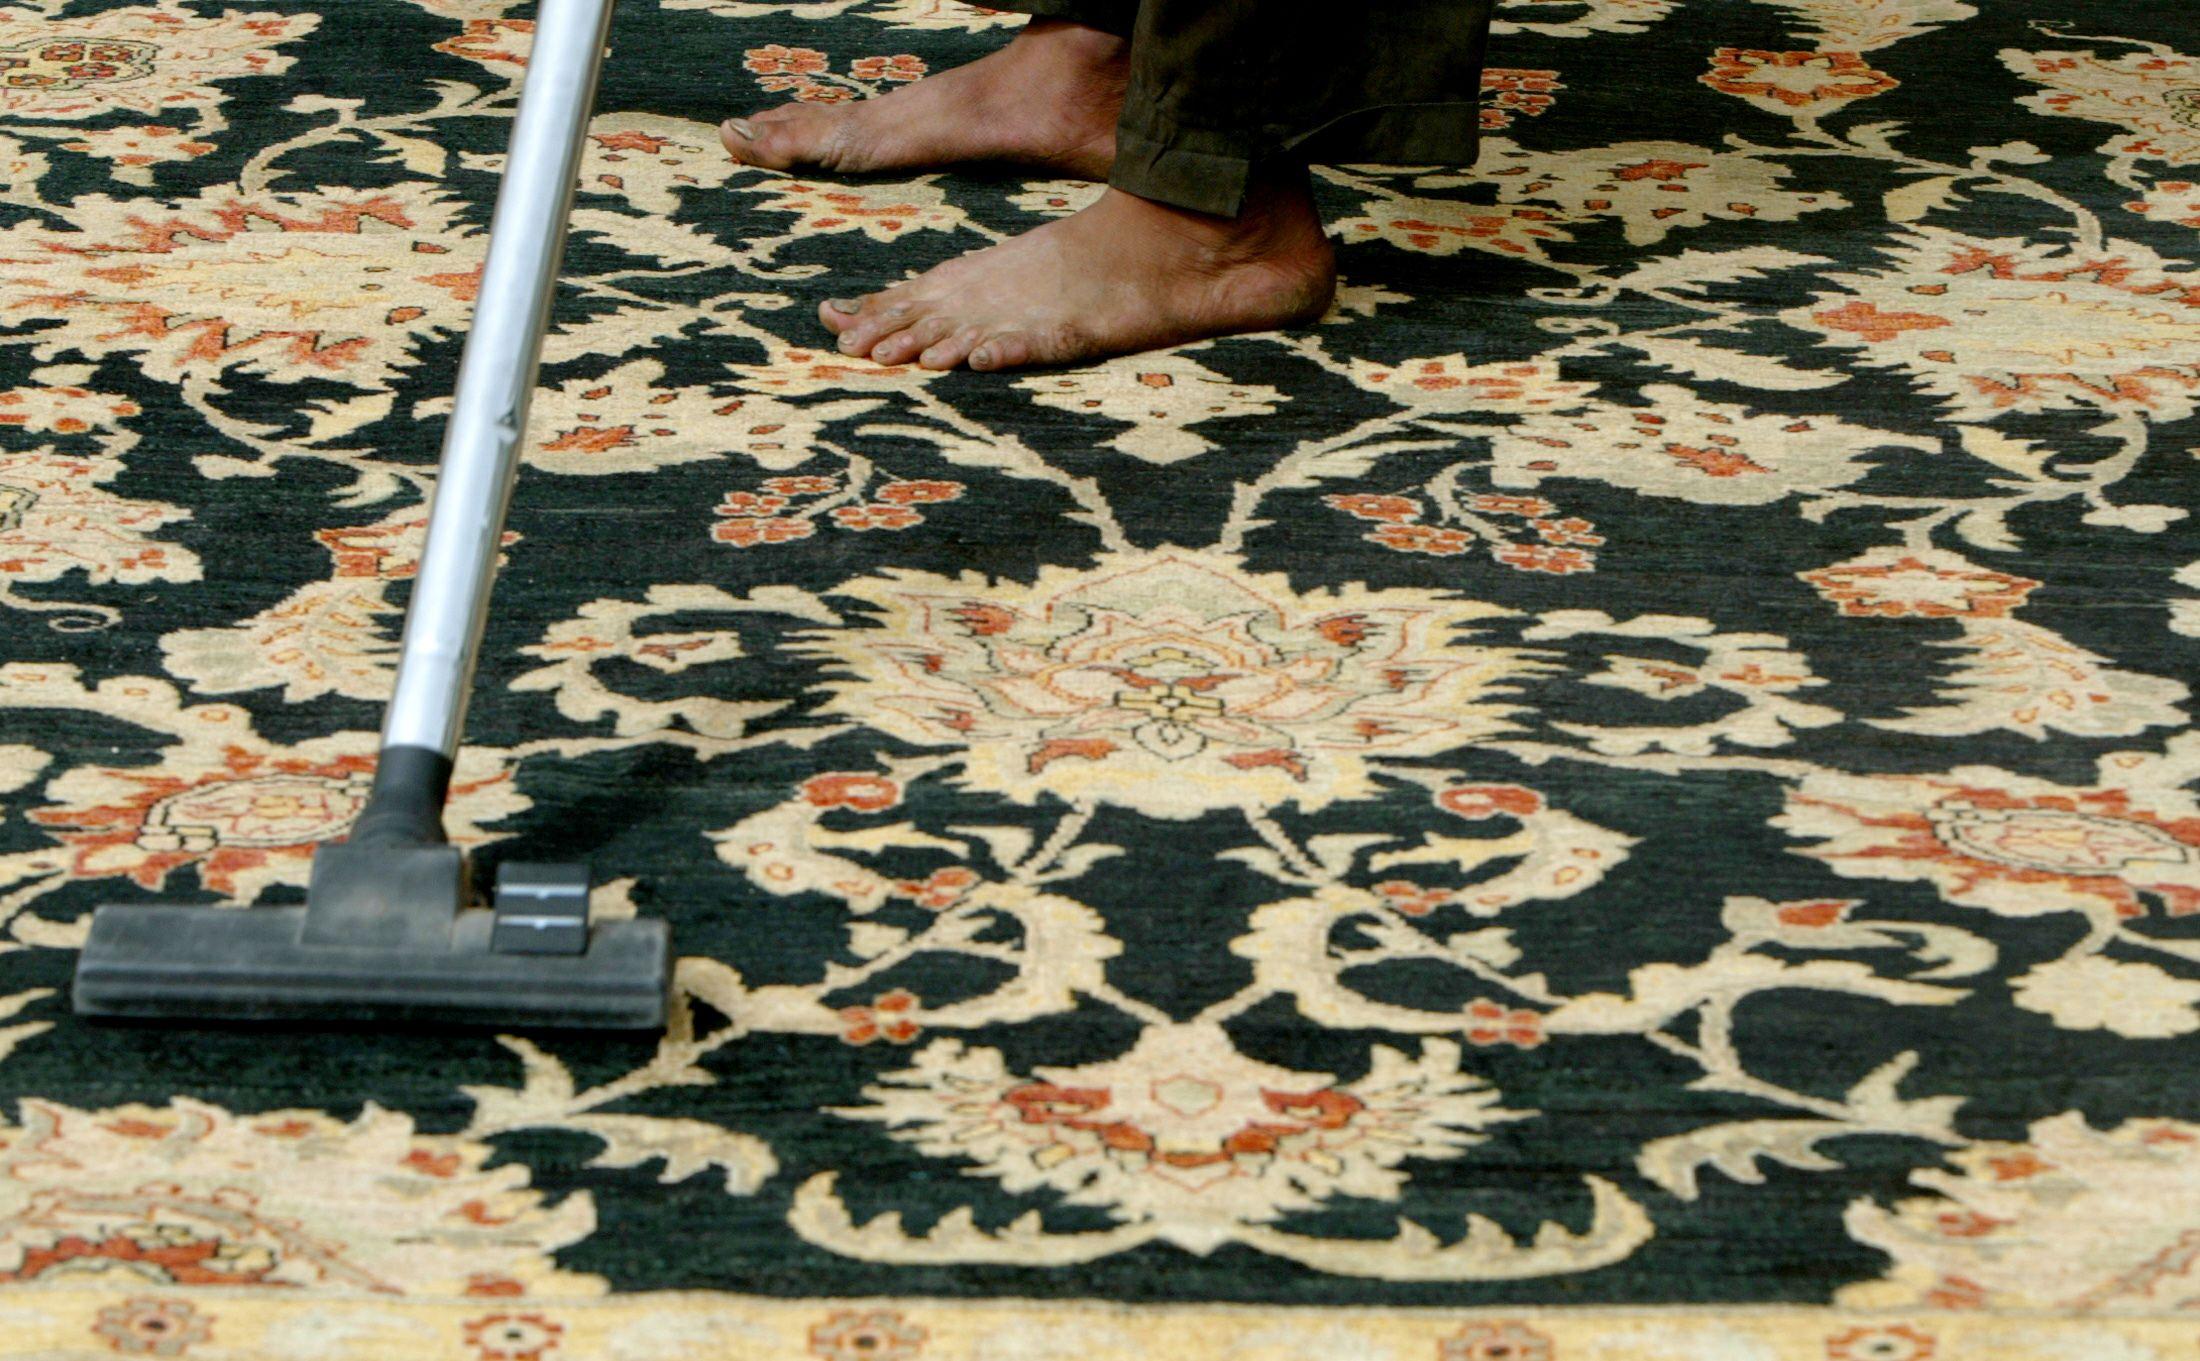 Les tapis et moquettes sont de véritables nids à bactéries